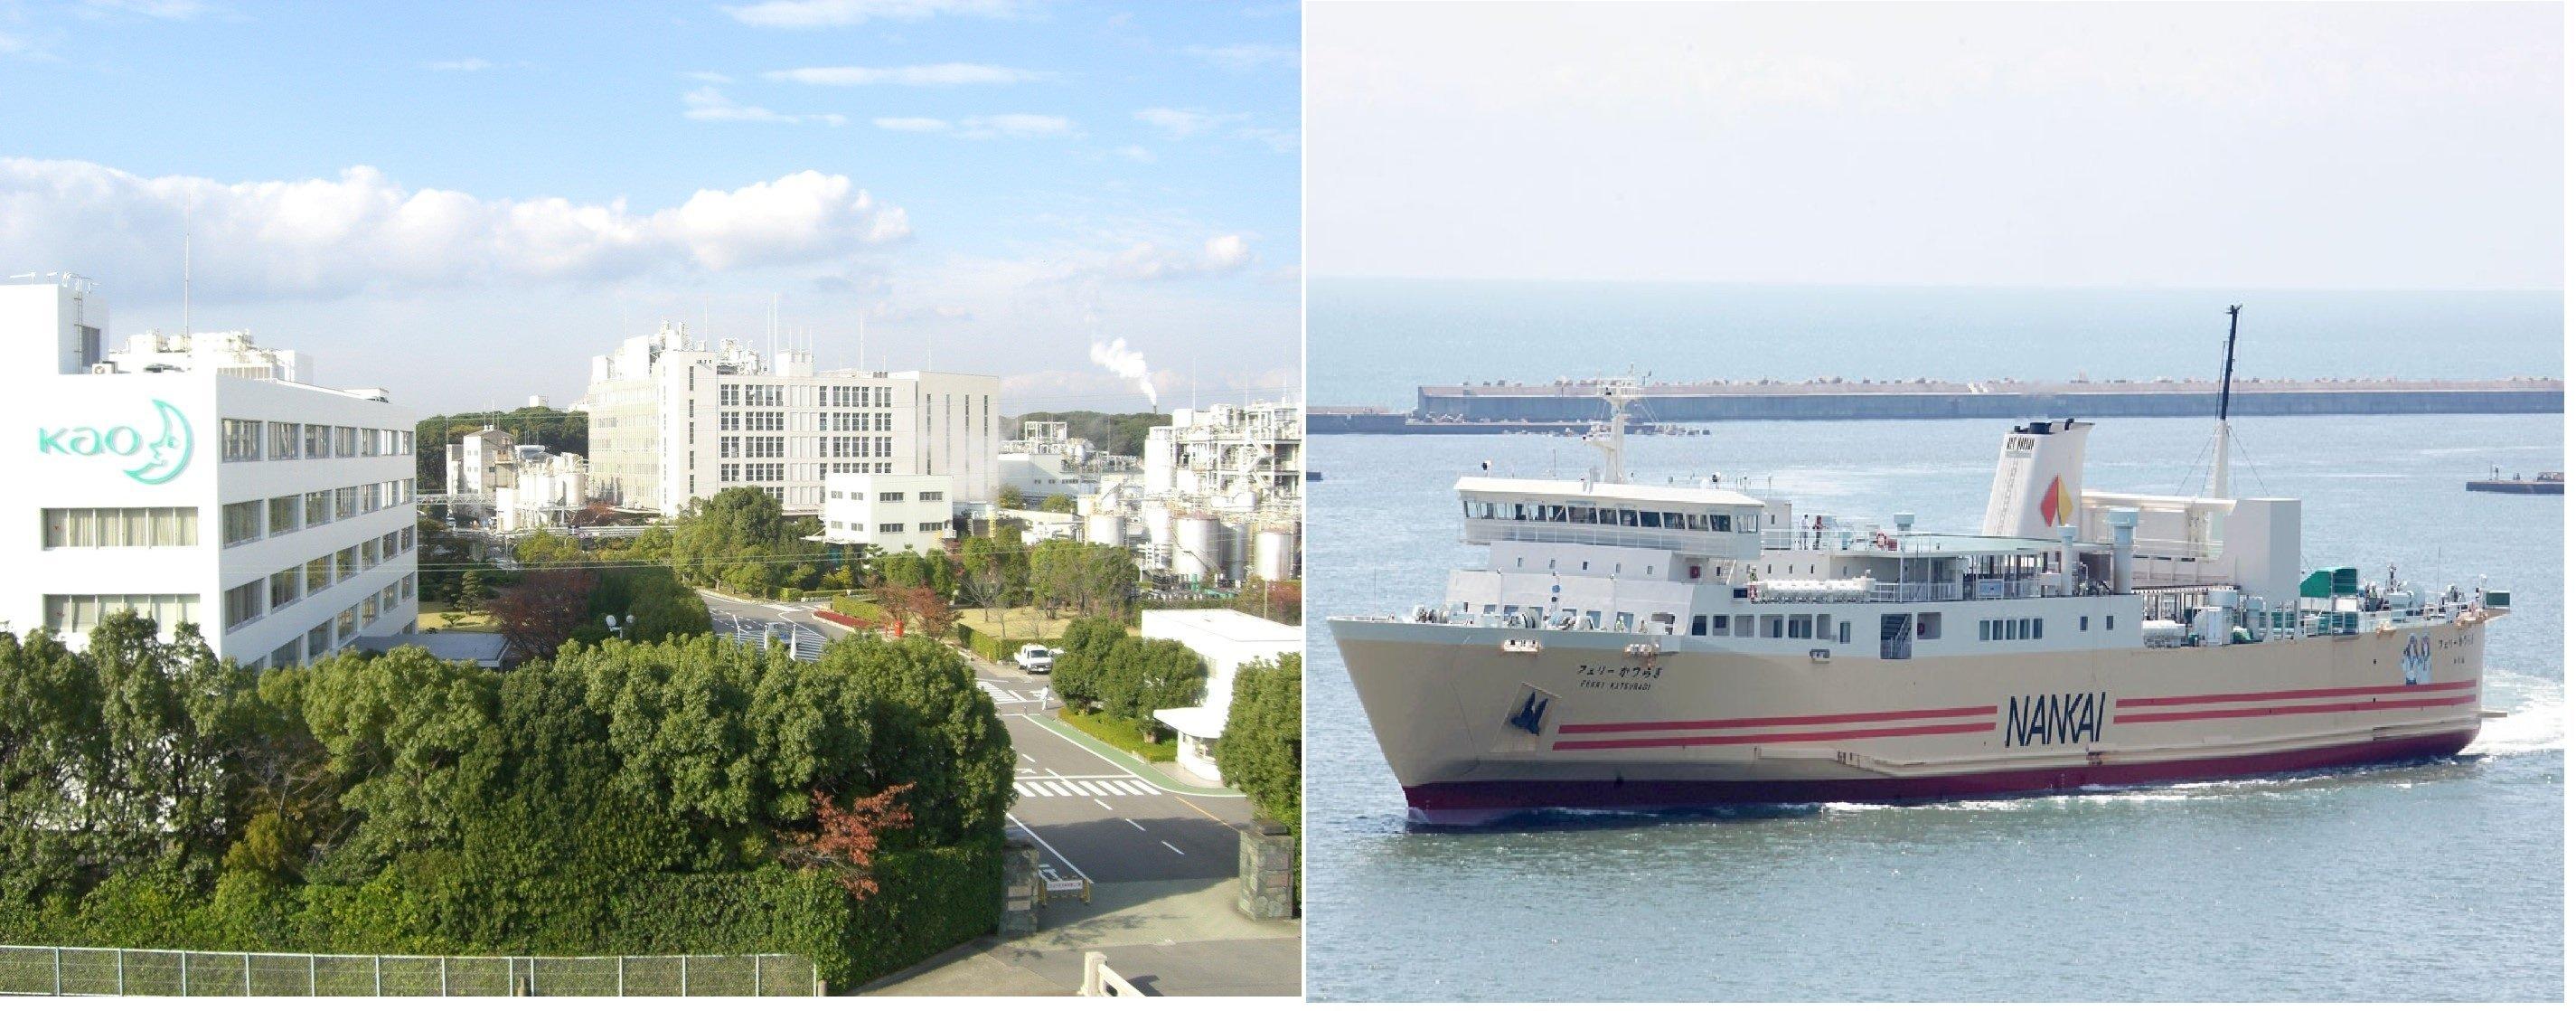 【共同特別企画】花王エコラボミュージアム(工場見学)&南海フェリーを見学しませんか